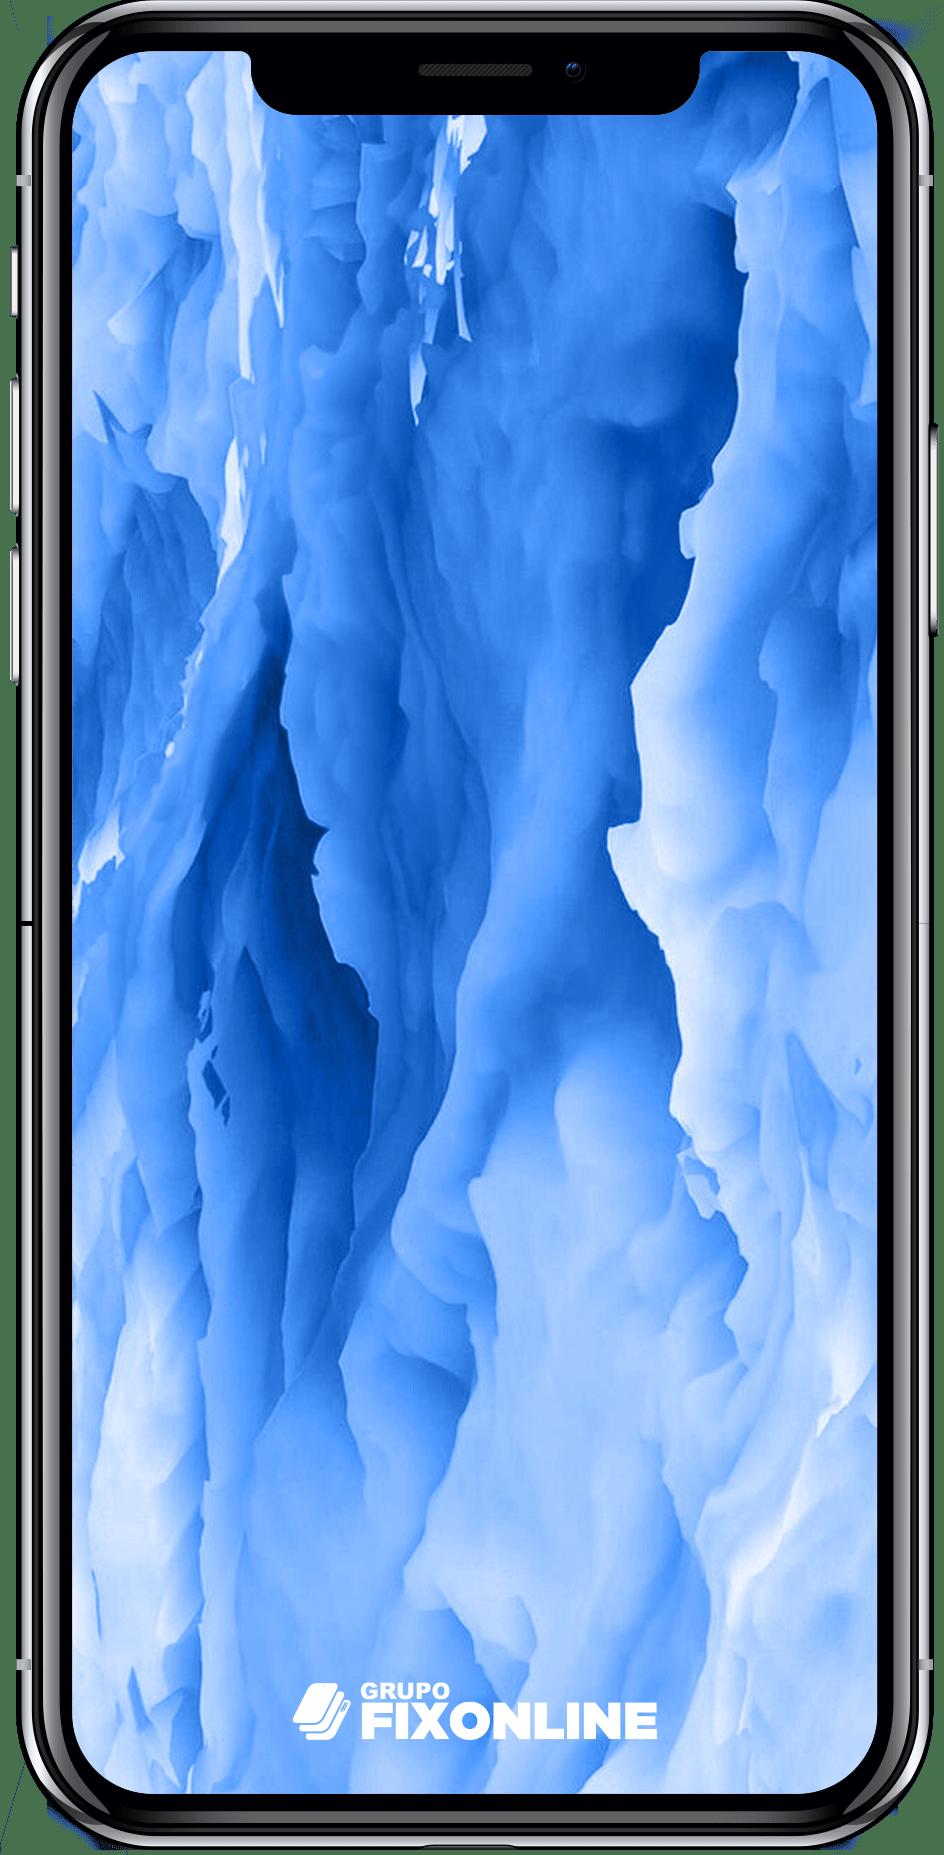 Troca de Vidro Iphone XR A FixOnline é especialista em TROCA DE VIDRO. Mas, você sabe diferenciar a TROCA DE VIDRO da TROCA DE TELA? A Fix te explica! :) A troca de vidro do Iphone XR consiste em removermos apenas a camada de vidro que fica acima do LCD. O LCD é o responsável por fornecer a imagem, cores e toque (touch). Portanto, o vidro tem função apenas estética e de proteção do LCD. Sendo assim, para que possamos trocar apenas o vidro, é importante que a tela esteja totalmente operacional, acendendo, com touch respondendo e sem manchas. Exceções: Pequenas manchas que não interferem na utilização permitem que o processo seja realizado.  Já os casos de TROCA DE TELA DO IPHONE XR ocorrem quando o LCD (imagem ou touch) foram afetados, causando grandes manchas ou impossibilidade de funcionamento do toque.  Agora que você já sabe a diferença entre TROCA DE VIDRO DO IPHONE XR e TROCA DE TELA, confira os benefícios de realizar o serviço com a FixOnline.